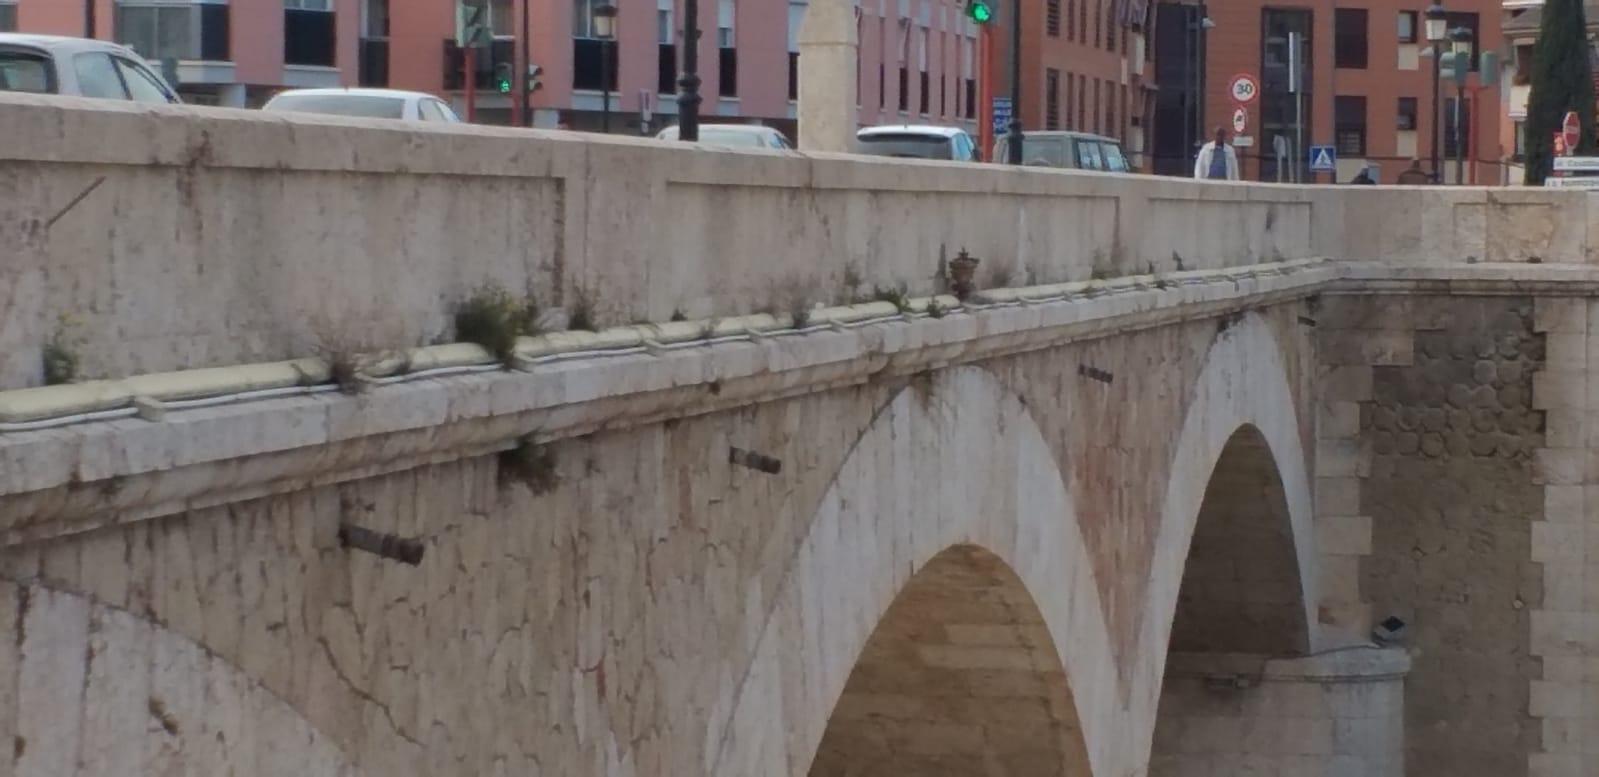 El PSOE reclama la limpieza, iluminación y puesta en valor del Puente del Barrio de cara a Semana Santa